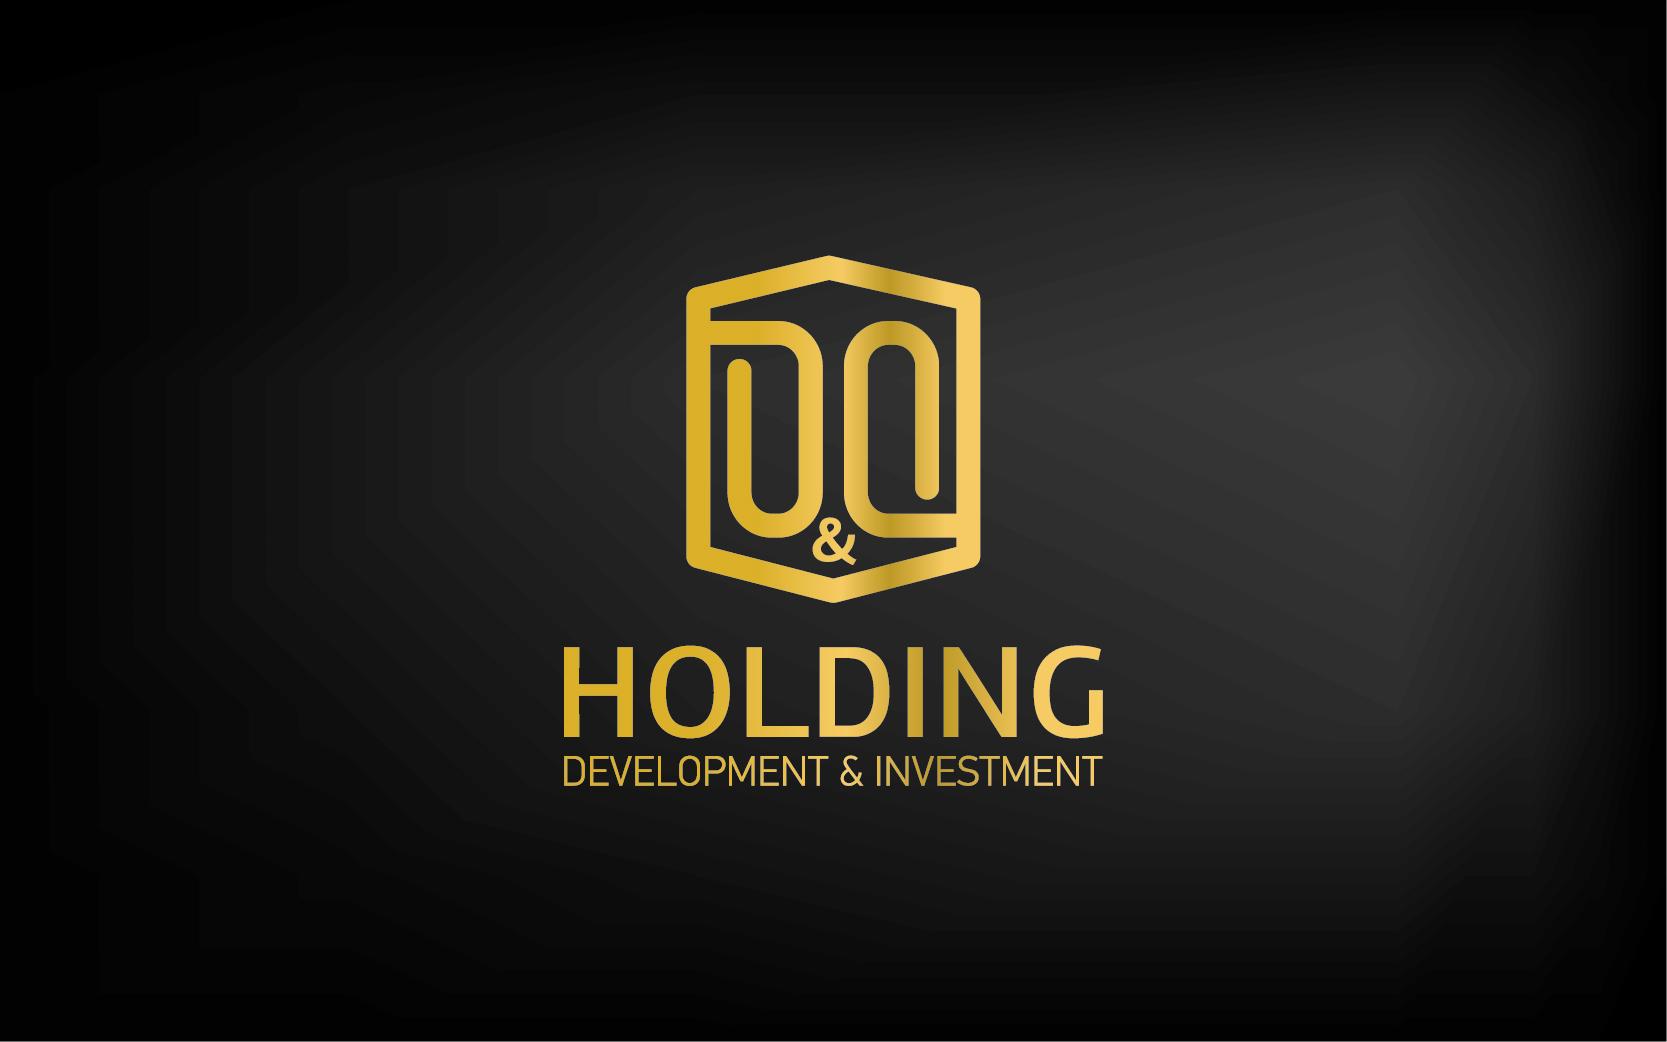 """Разработка Логотипа +  Фирменного знака для компании """"O & O HOLDING"""" фото f_8385c7e2cd43877e.jpg"""